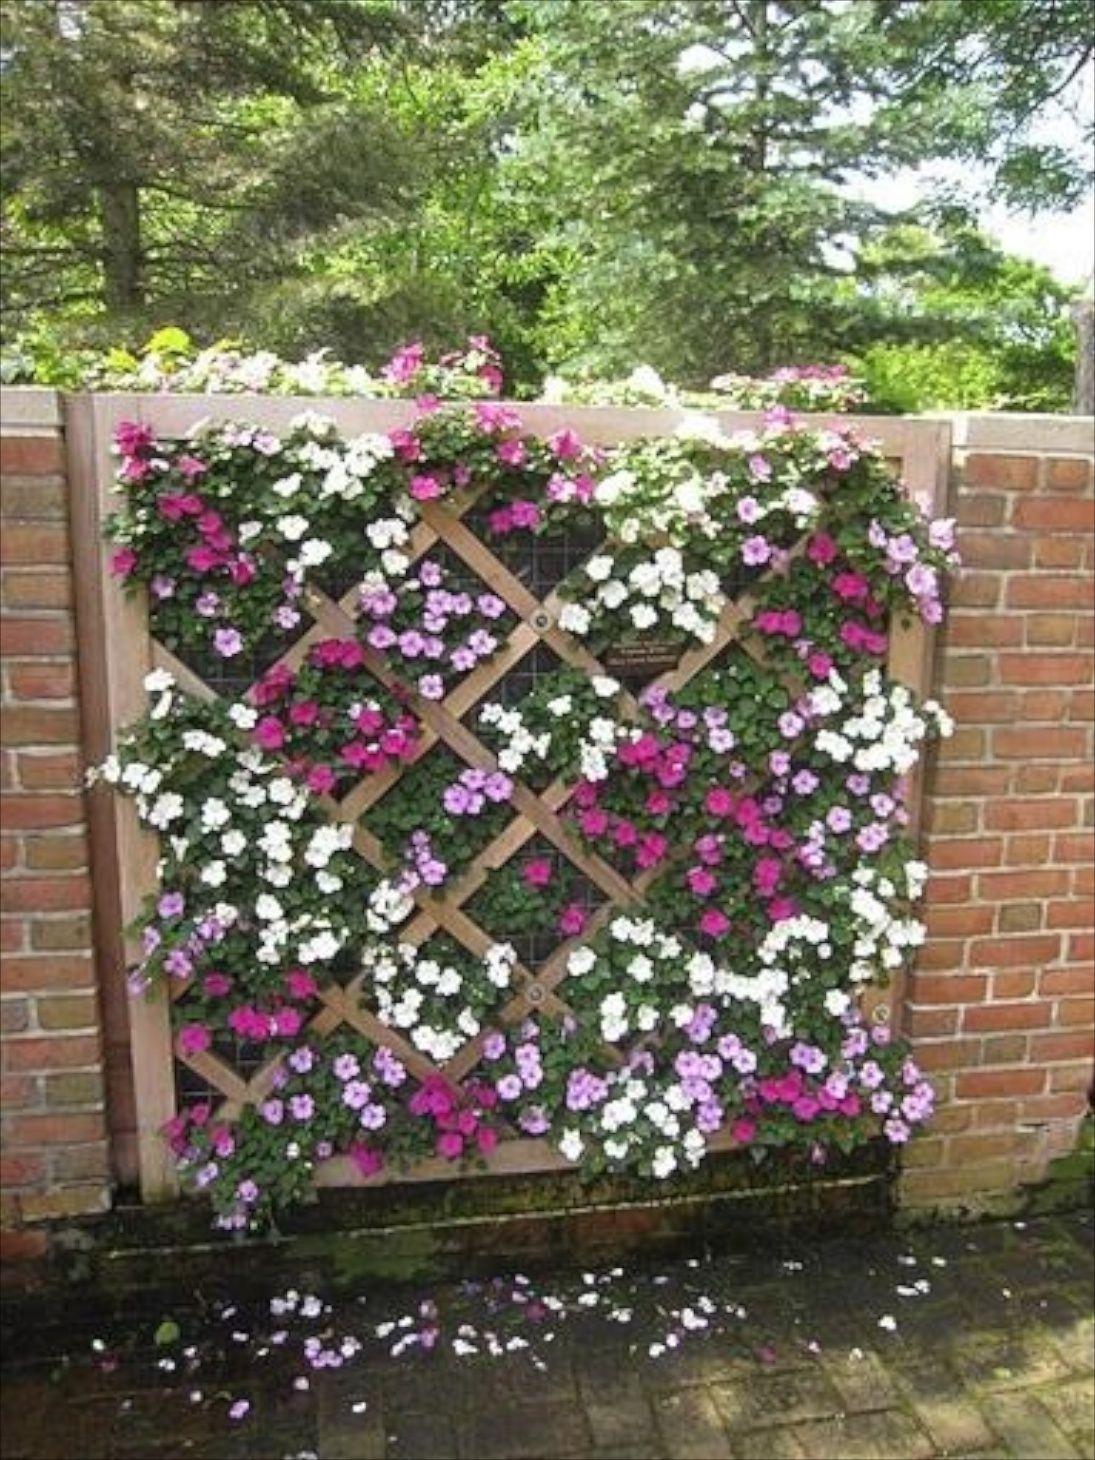 Visit the post for more jardin pinterest gardens garden